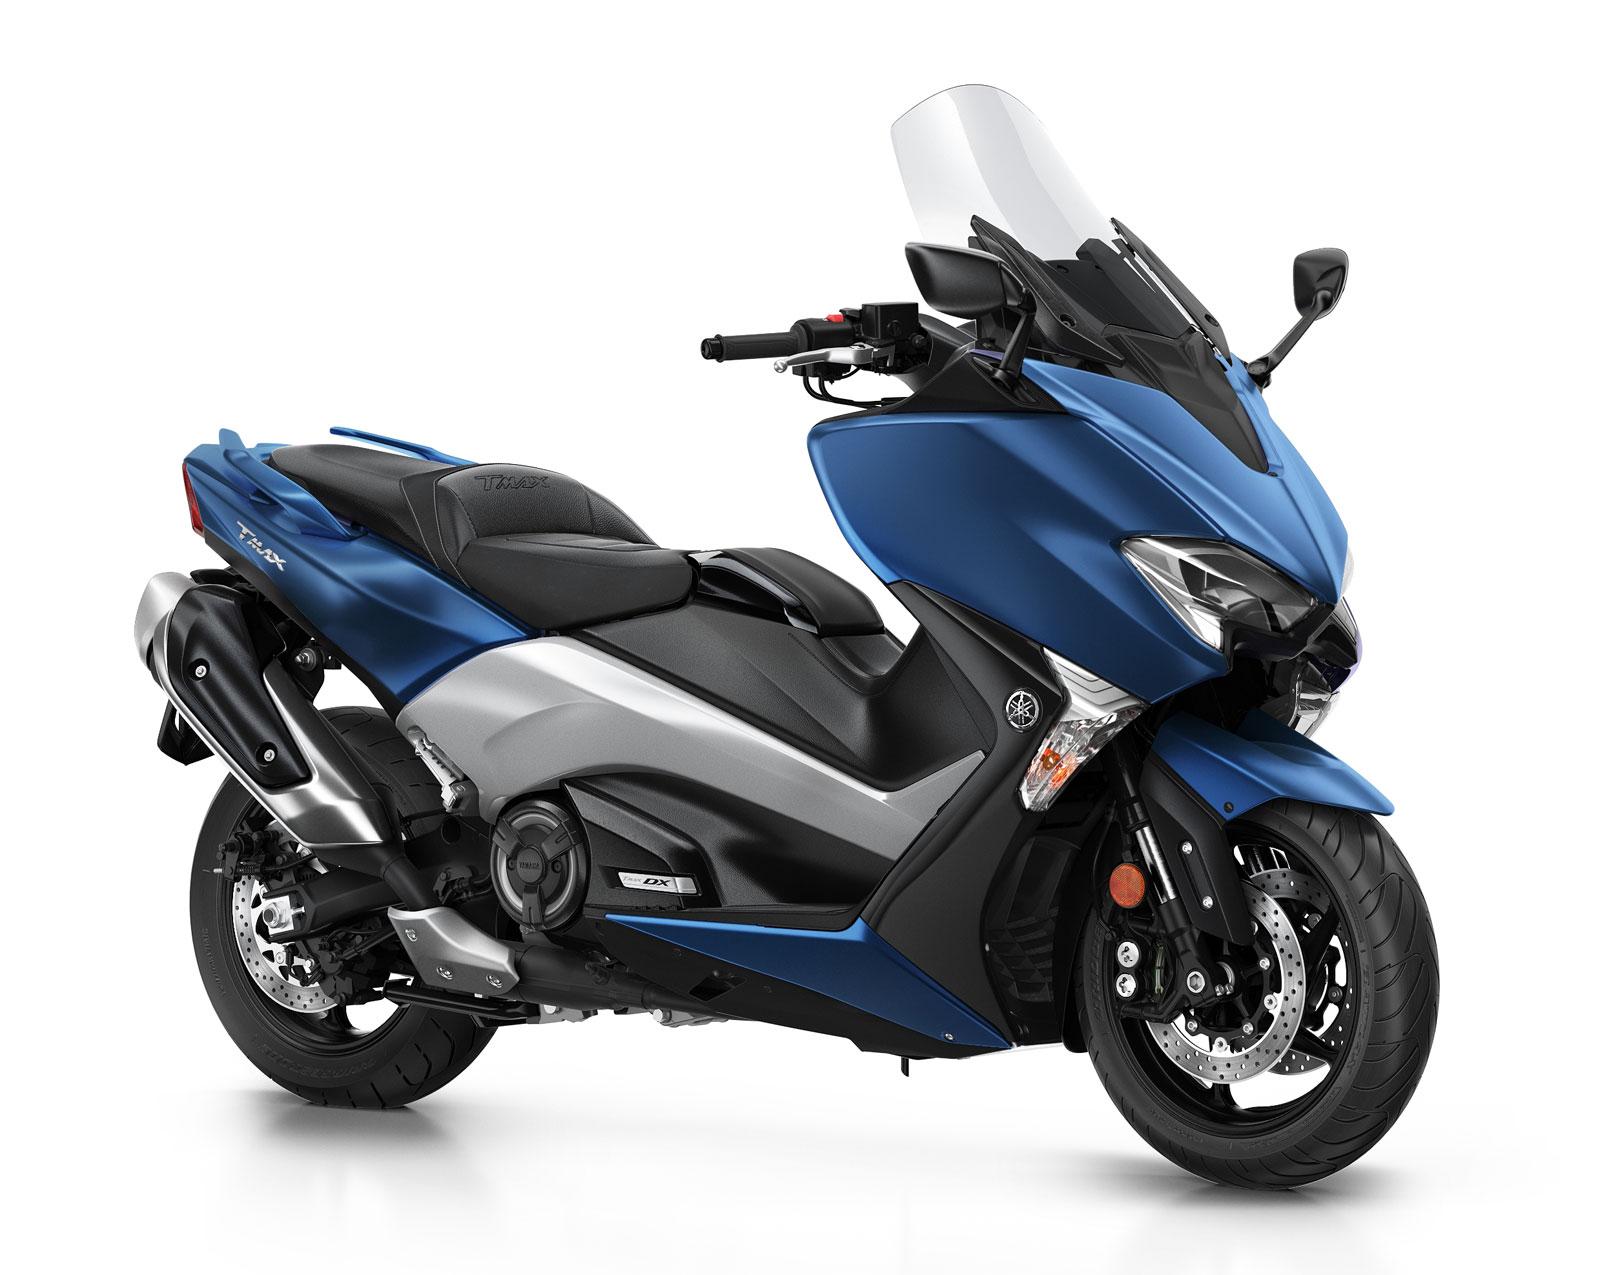 El icono y referente entre los scooter Premium, sigue en vigor actualizándose mas y recibiendo altas dosis de tecnología que le sitúan como referente en el segmento de los maxi-scooter.